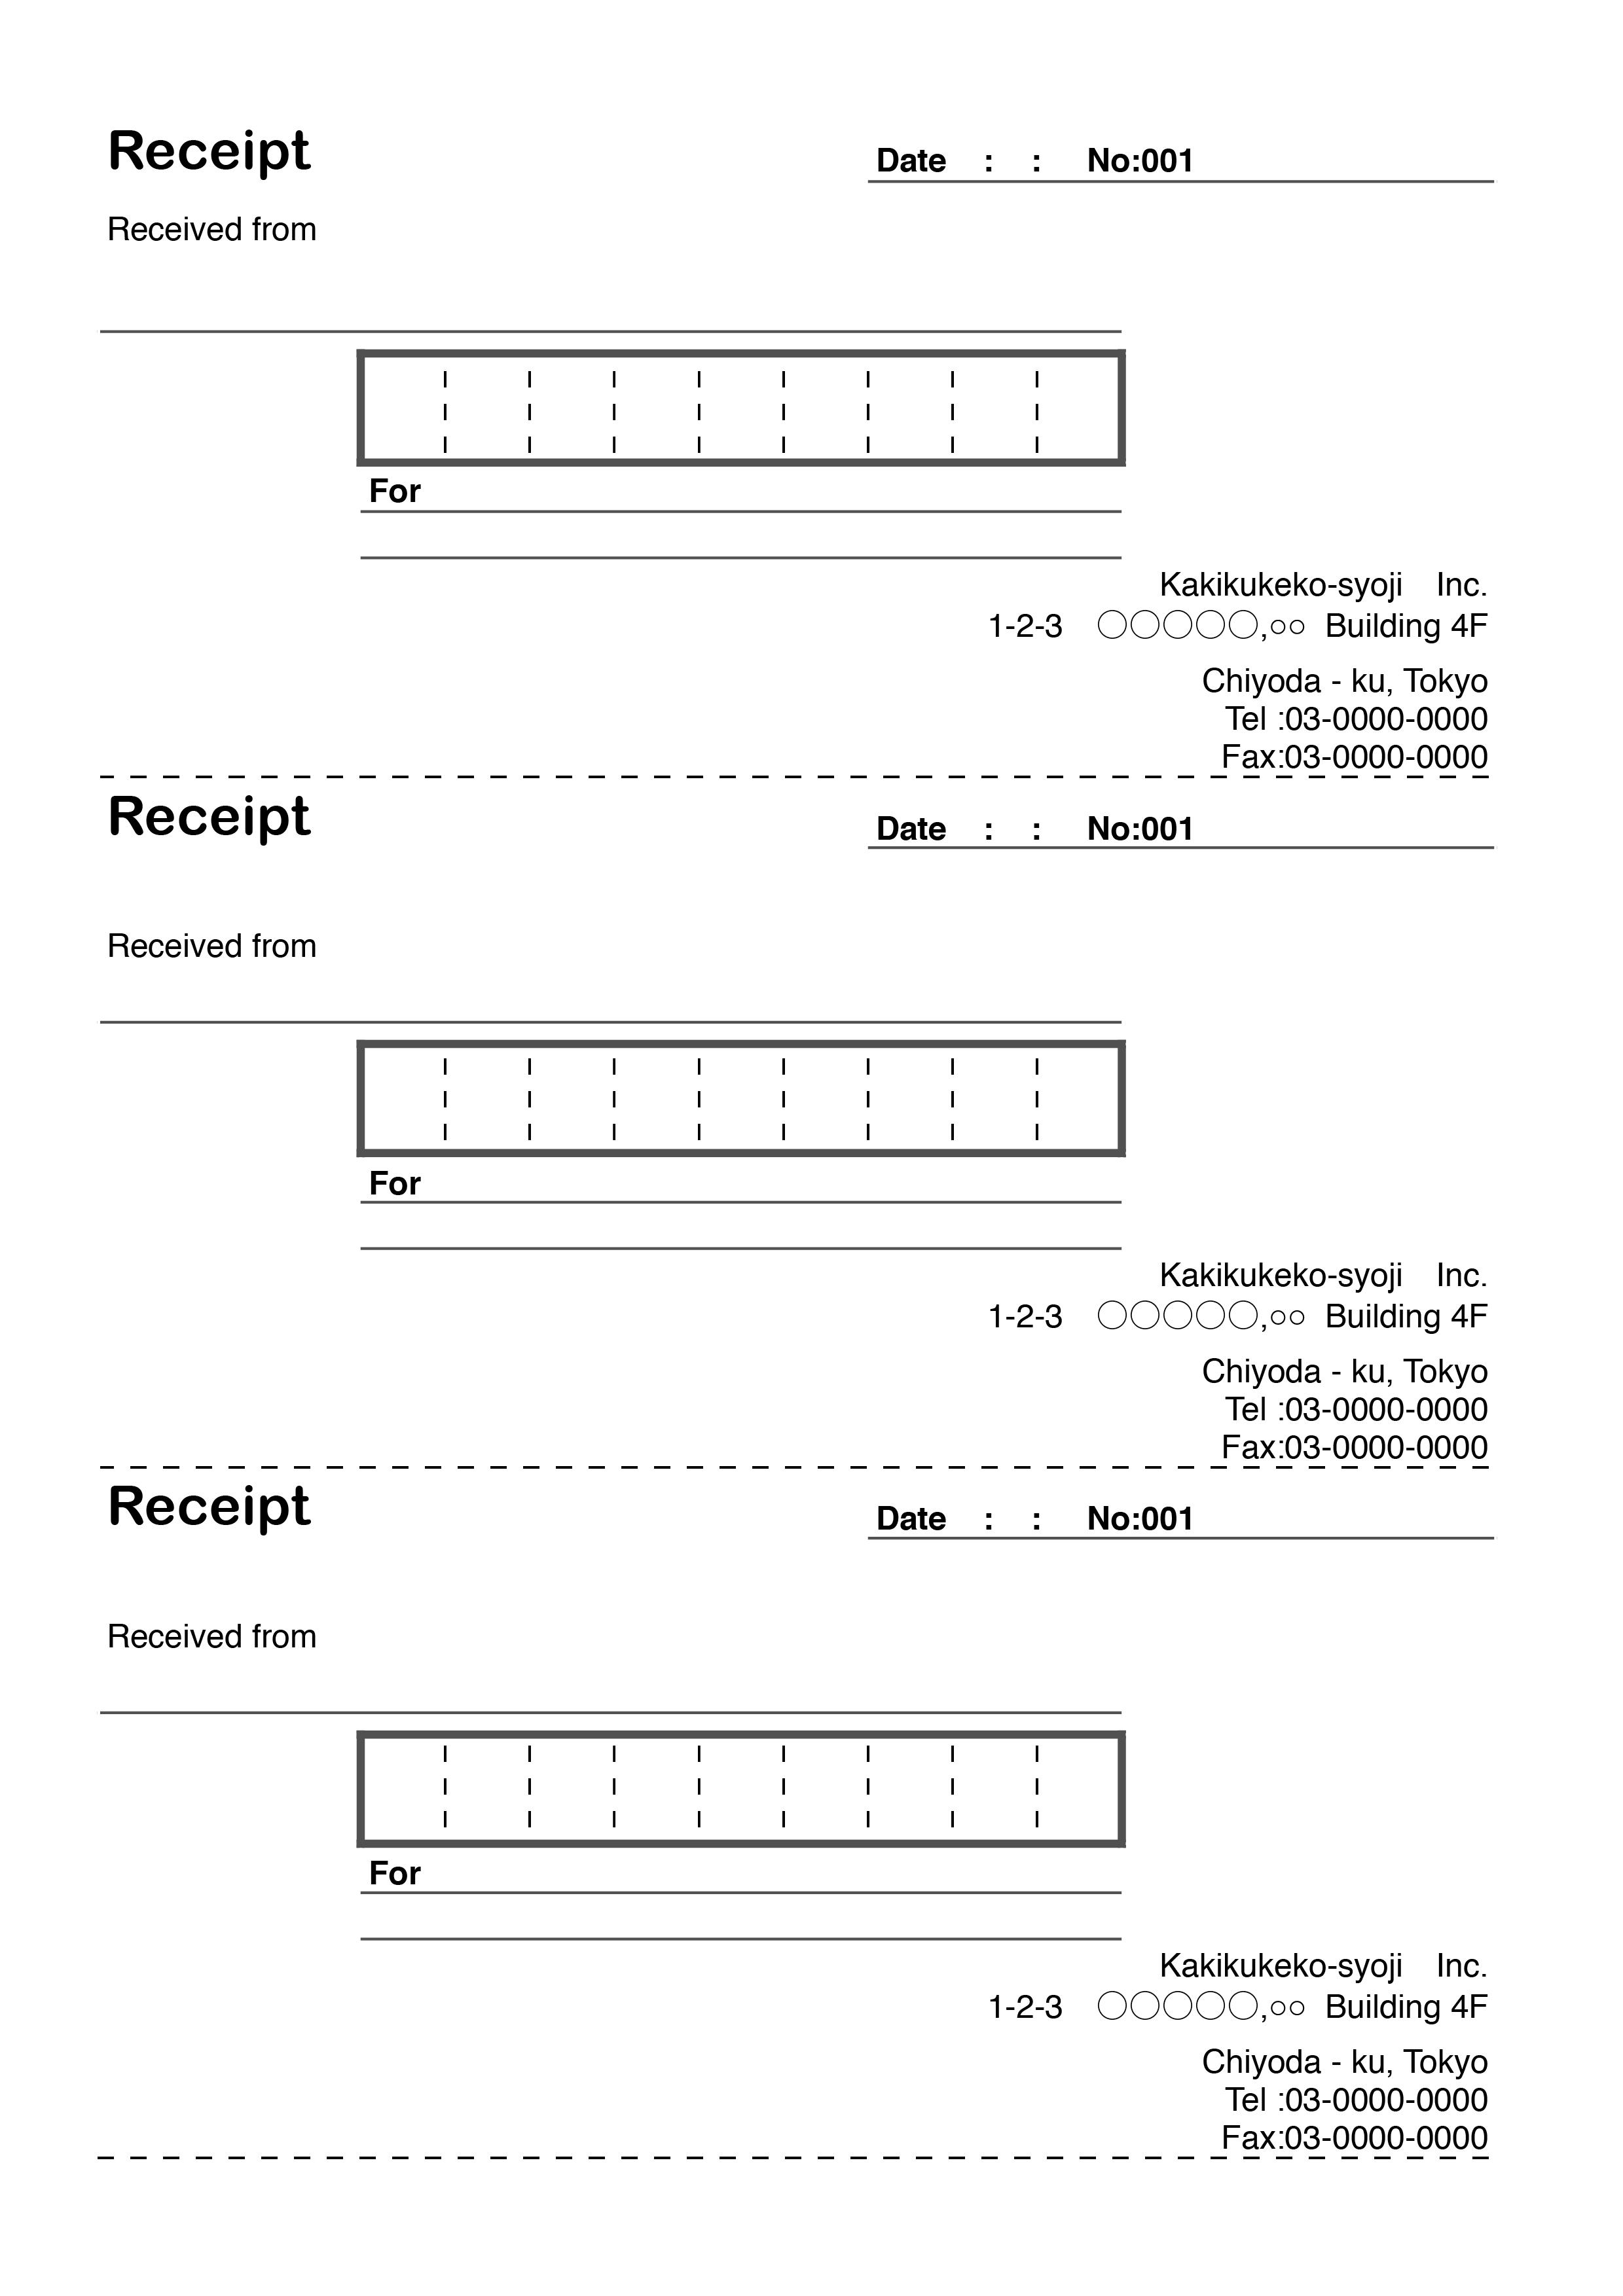 おしゃれな英字の領収書(Receipt)テンプレート(エクセル・ナンバーズ)3枚つづり ブラック